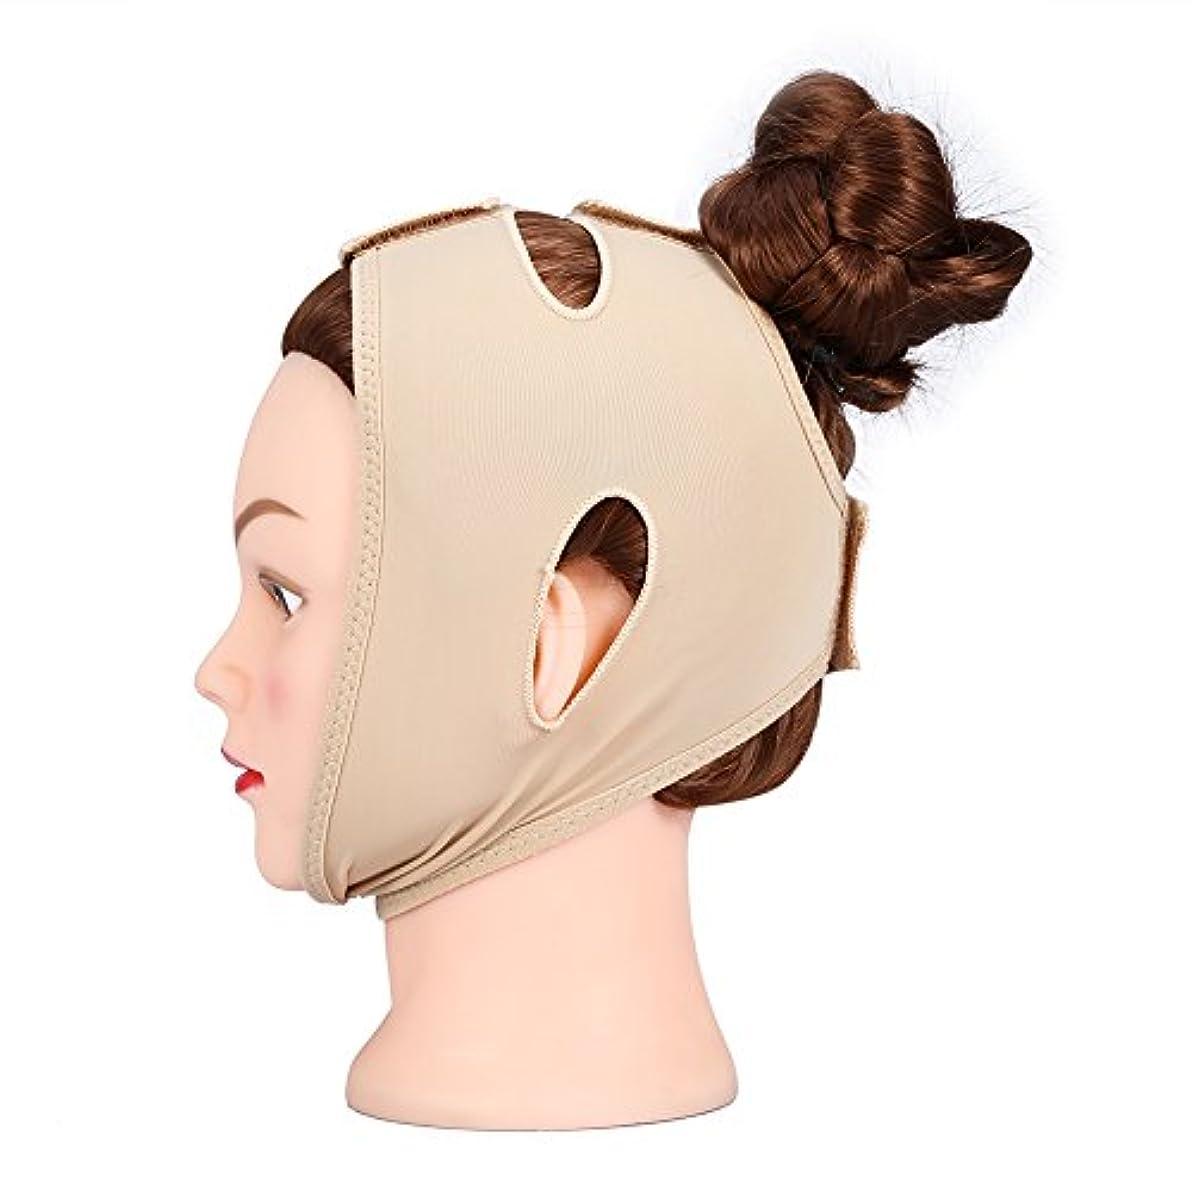 スリーブモネせっかち痩身フェイスバンド、痩身フェイスマスク、フェイスリフトマスク、睡眠首マスク、二重あご包帯を減らす(M)